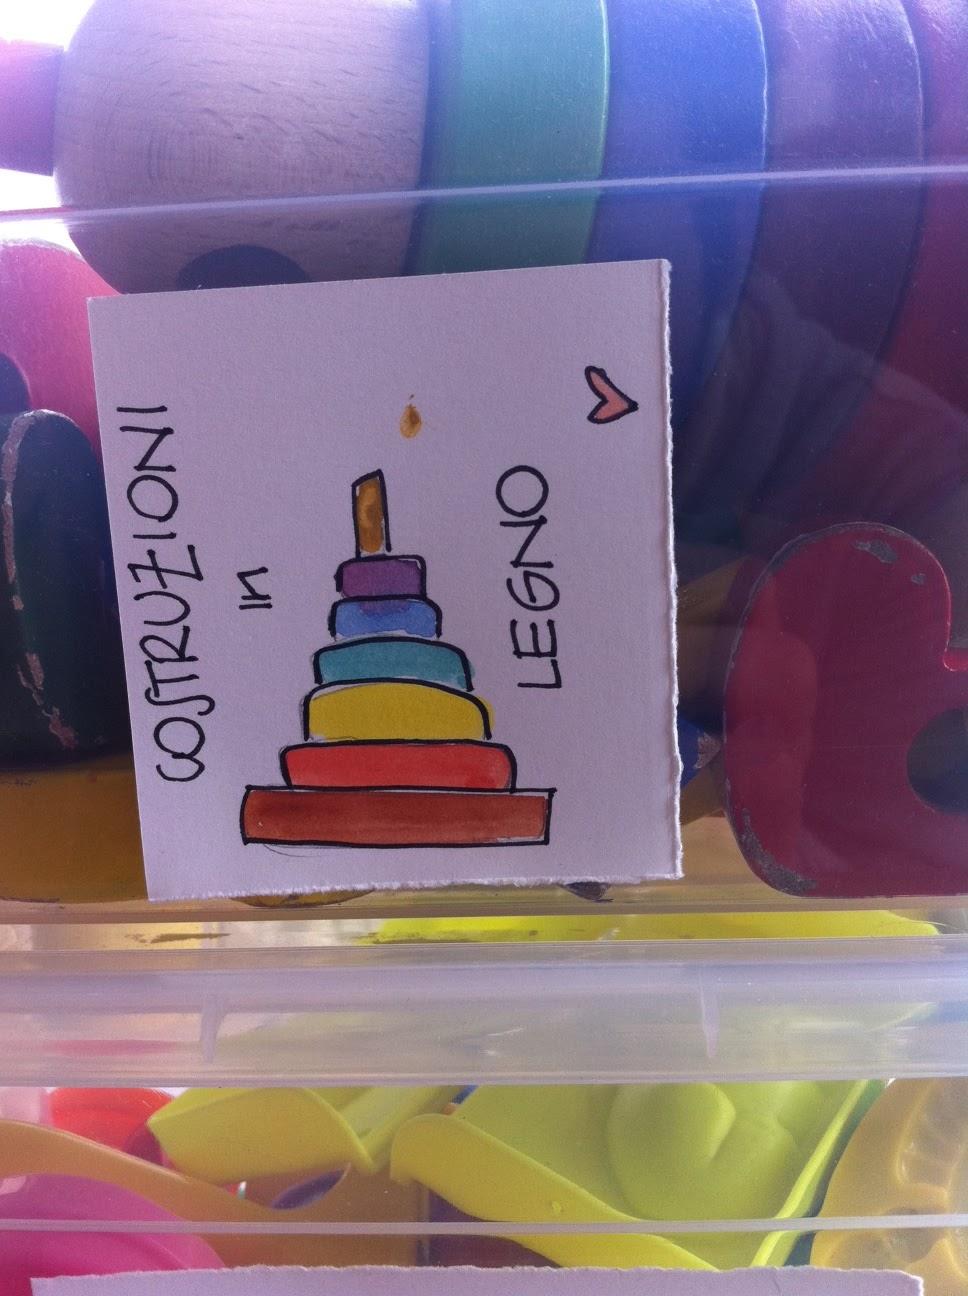 Sull 39 arte creative saturday etichette per le scatole dei - Scatole ikea trasparenti ...